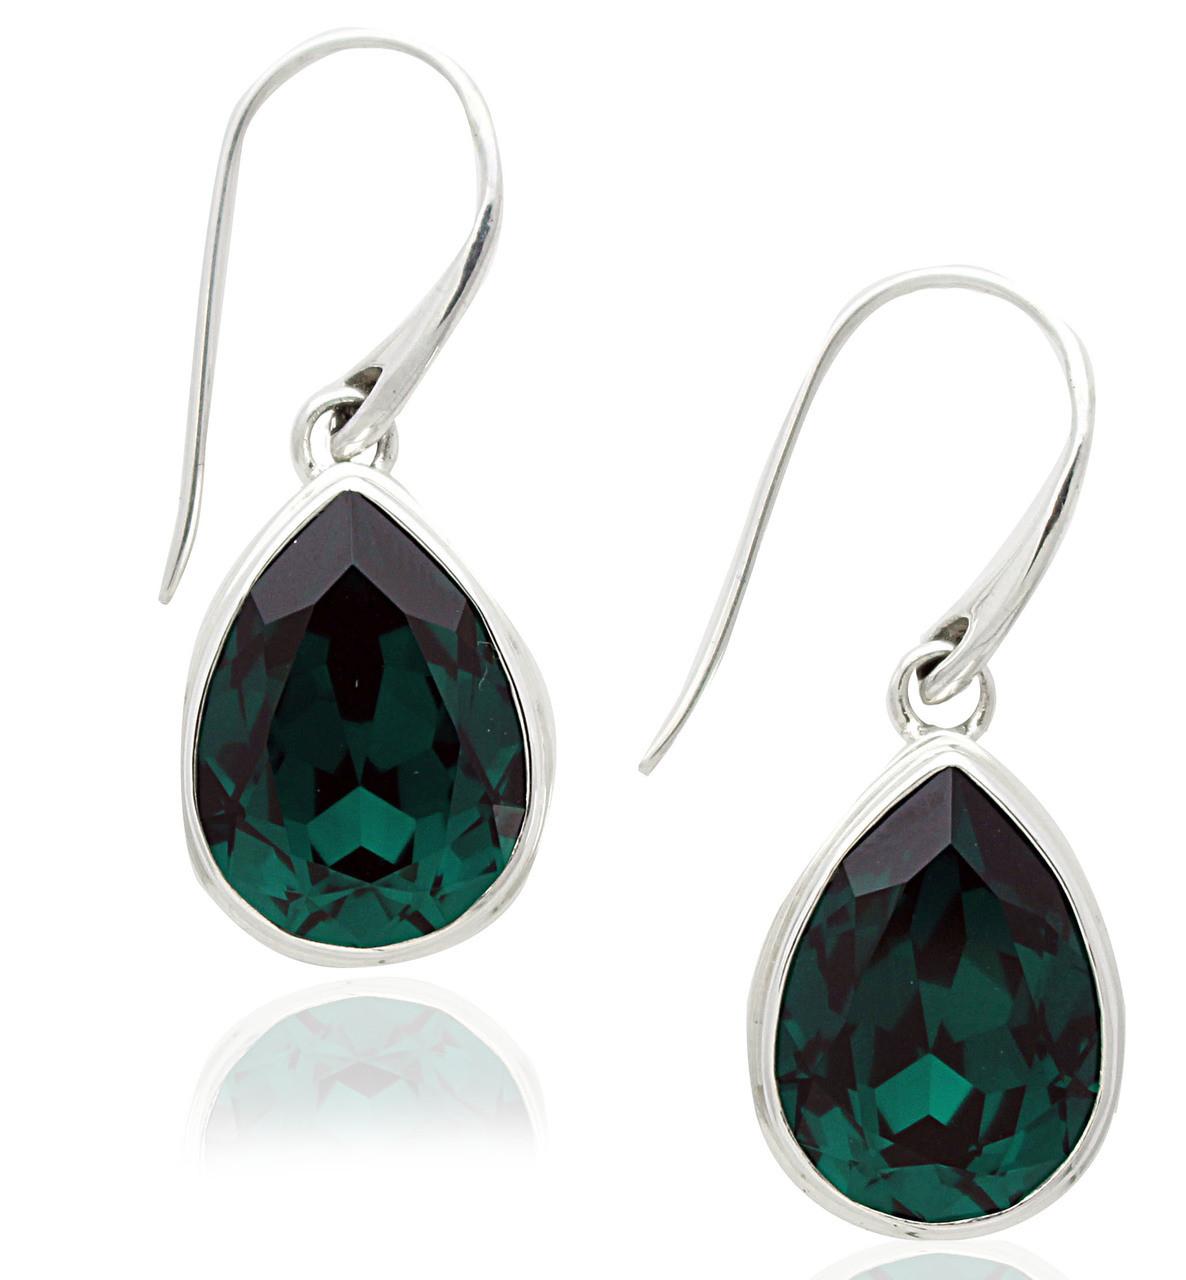 879193be5 Sterling Silver .925 Emerald Swarovski Element Pear Drop Earrings - Artune  Jewelry Online